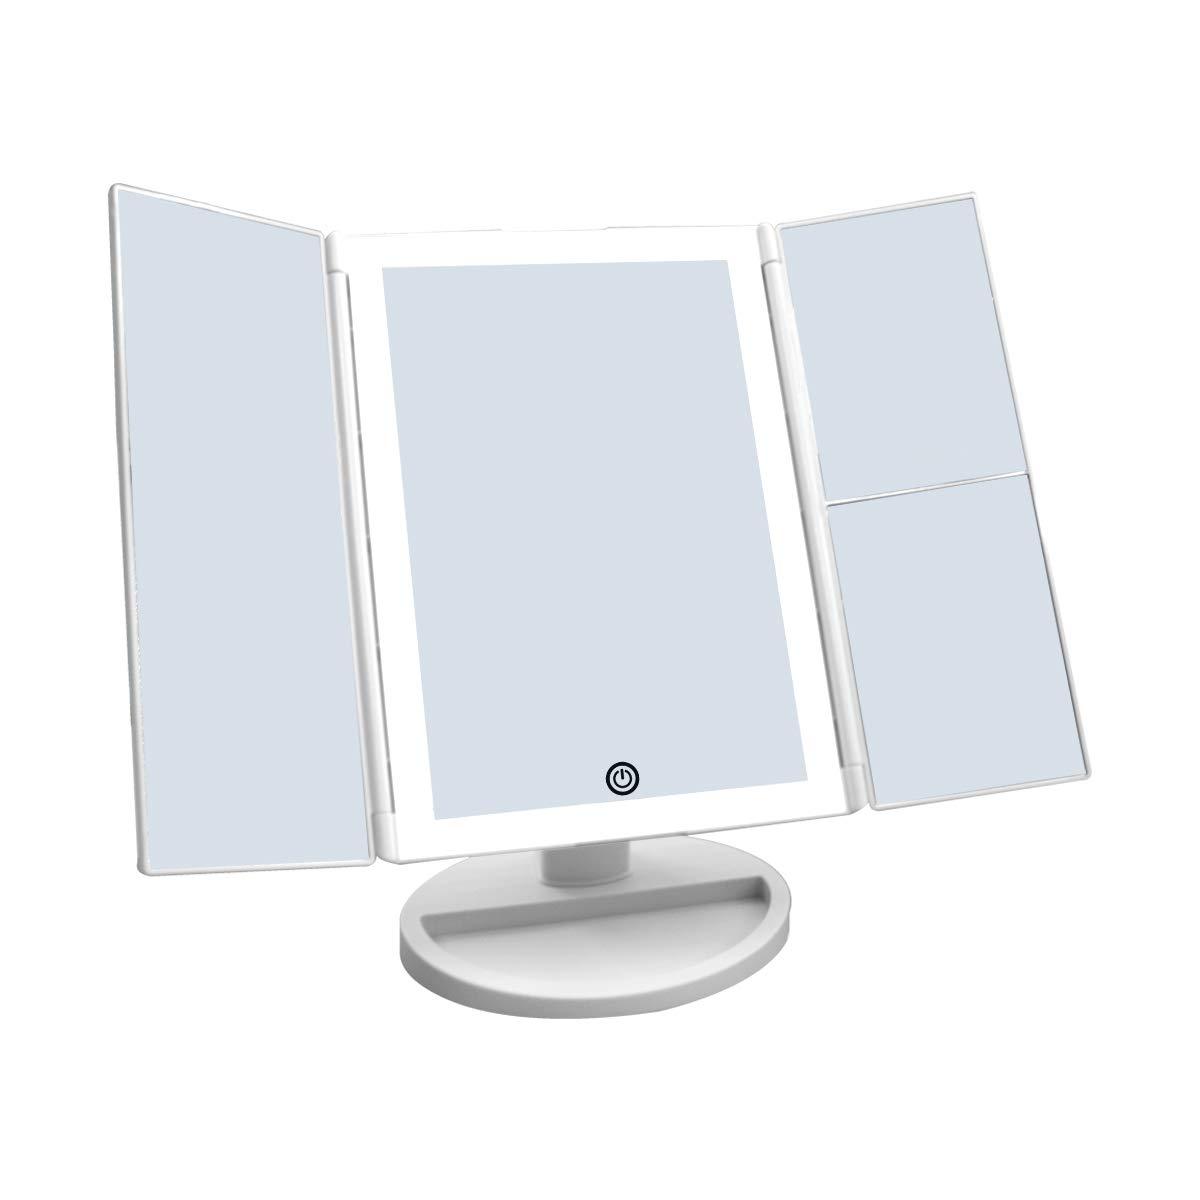 WEILY Specchietto per il trucco con touch screen Tri-fold, ingrandimento 1x / 2x / 3x e caricatore USB o wireless, luce LED regolabile a 180 ° per il banco da viaggio Specchio per il trucco HaiFen